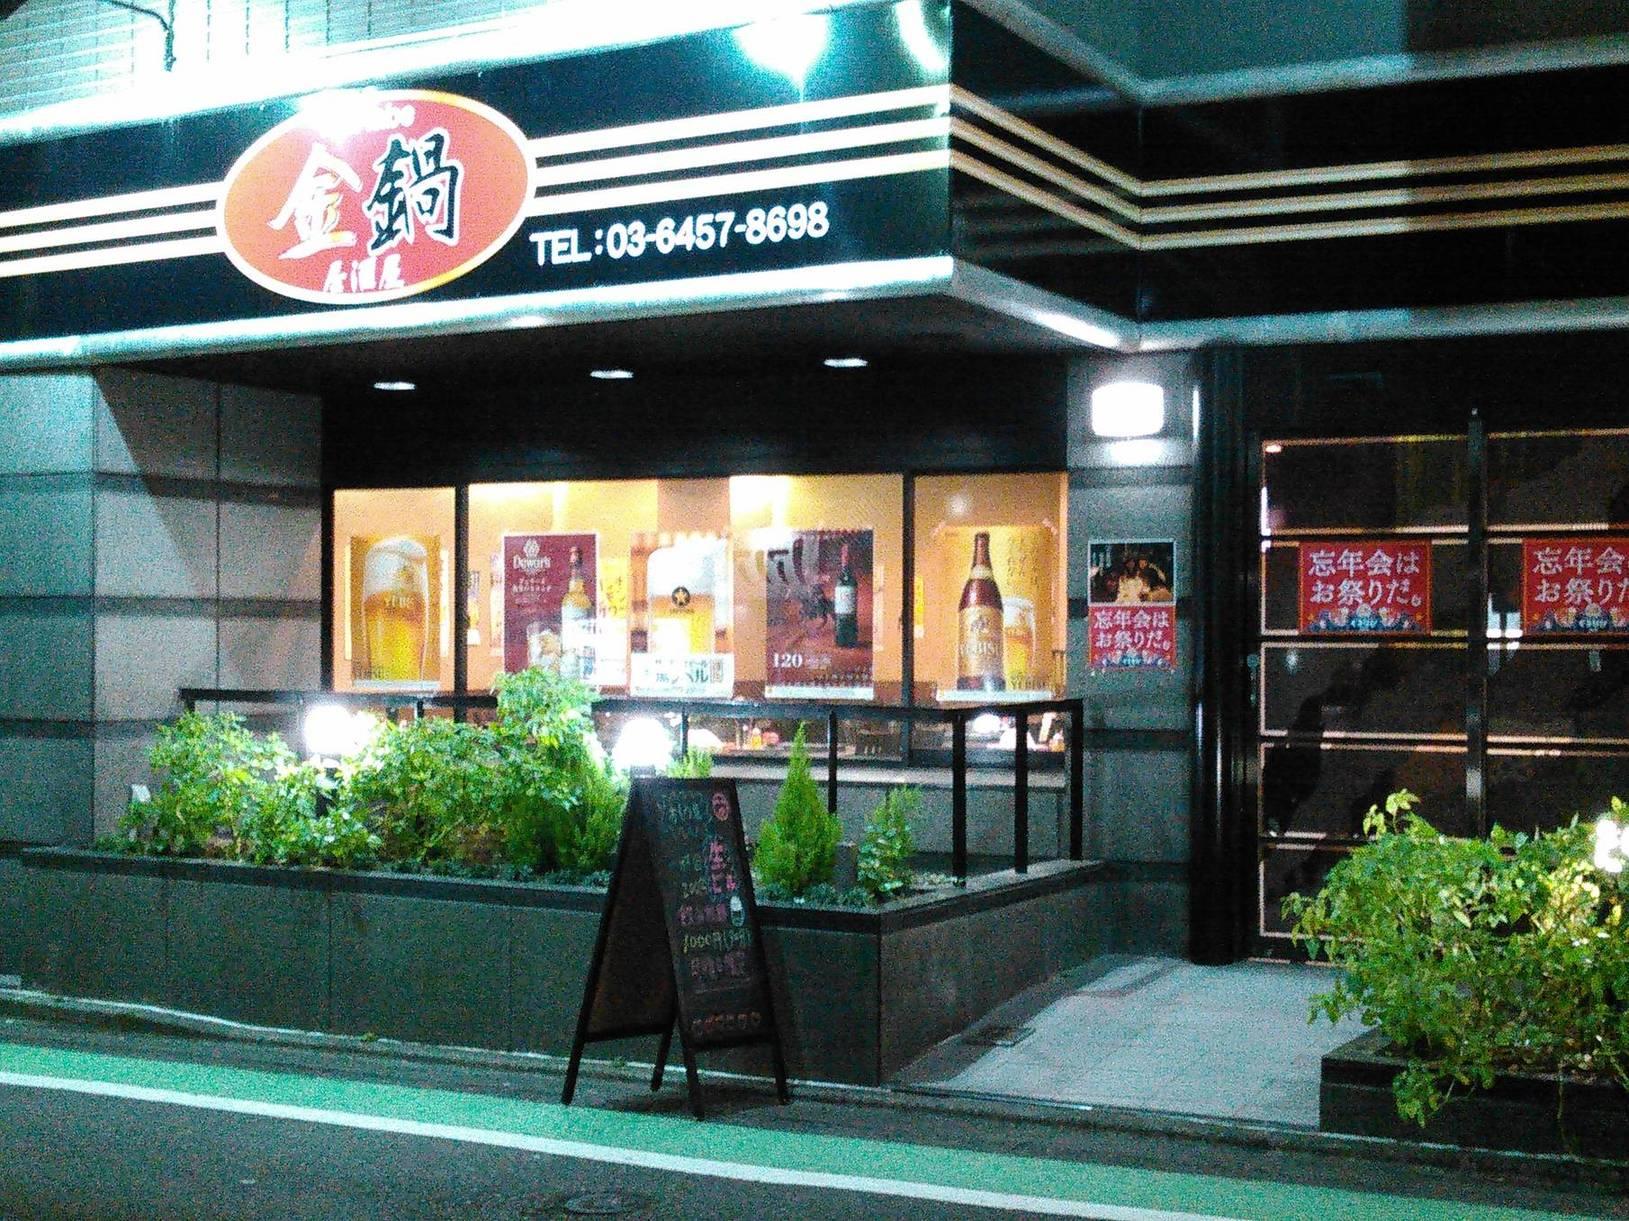 金鍋居酒屋  新宿三丁目店